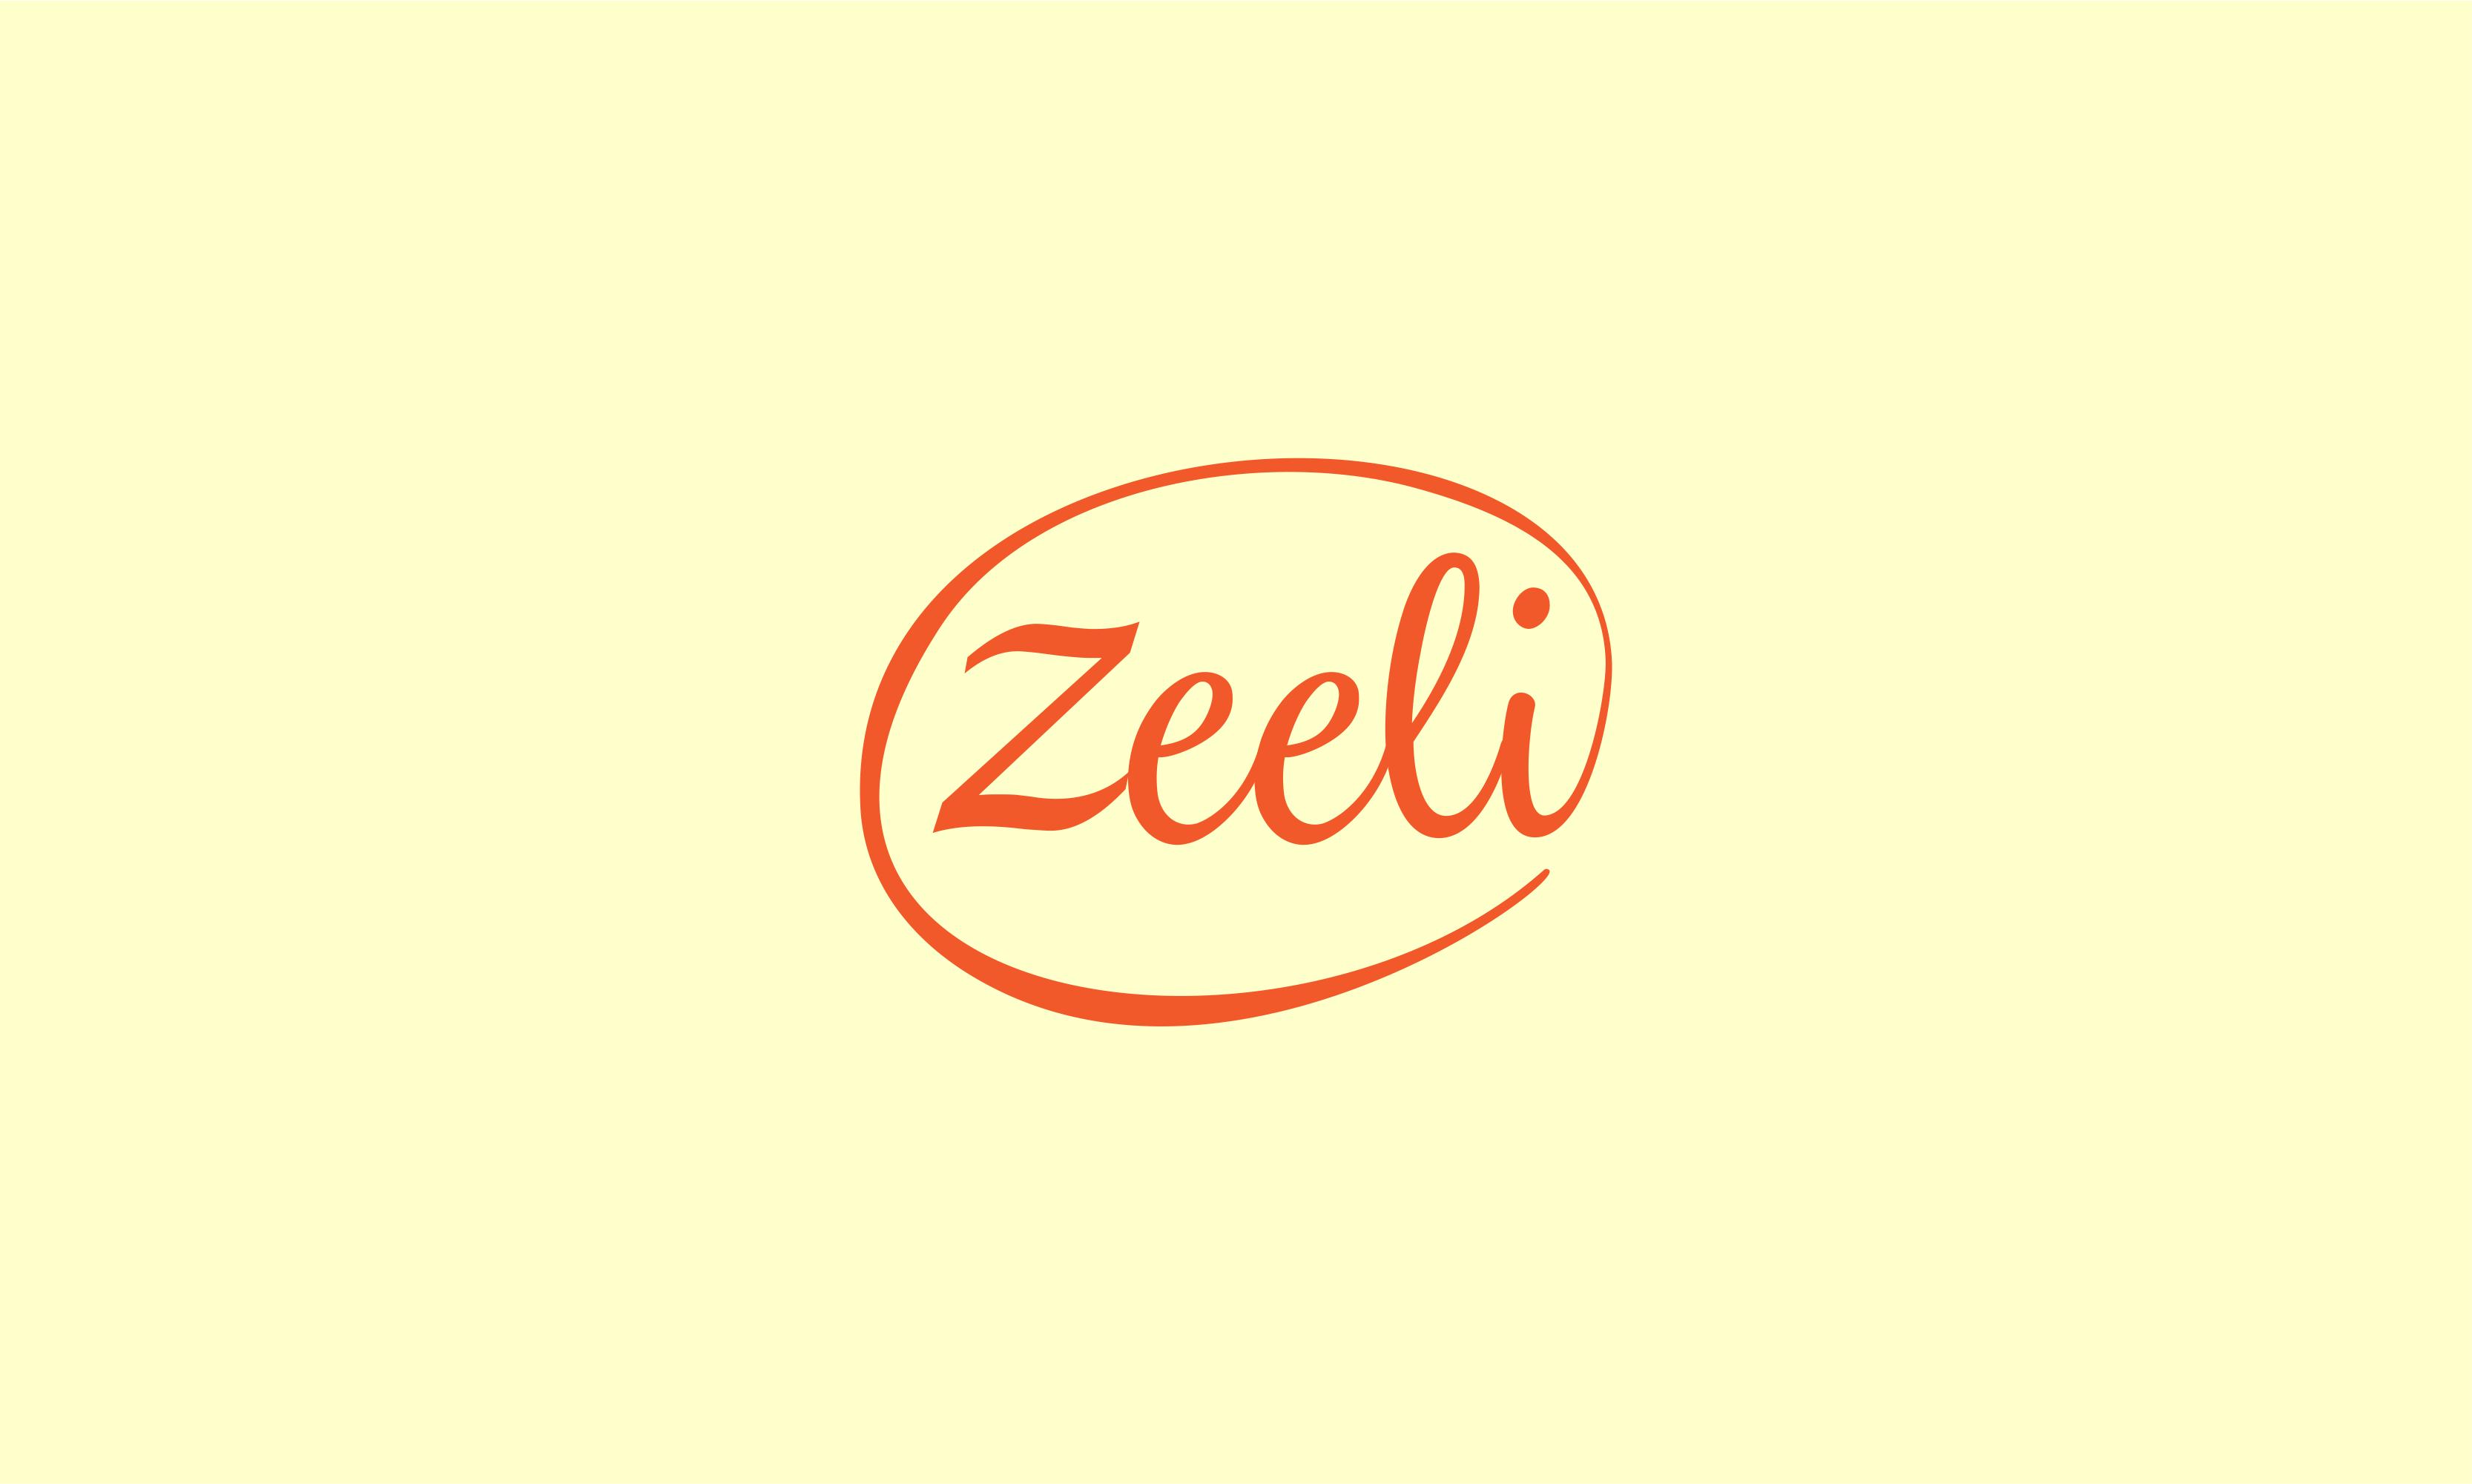 zeeli logo